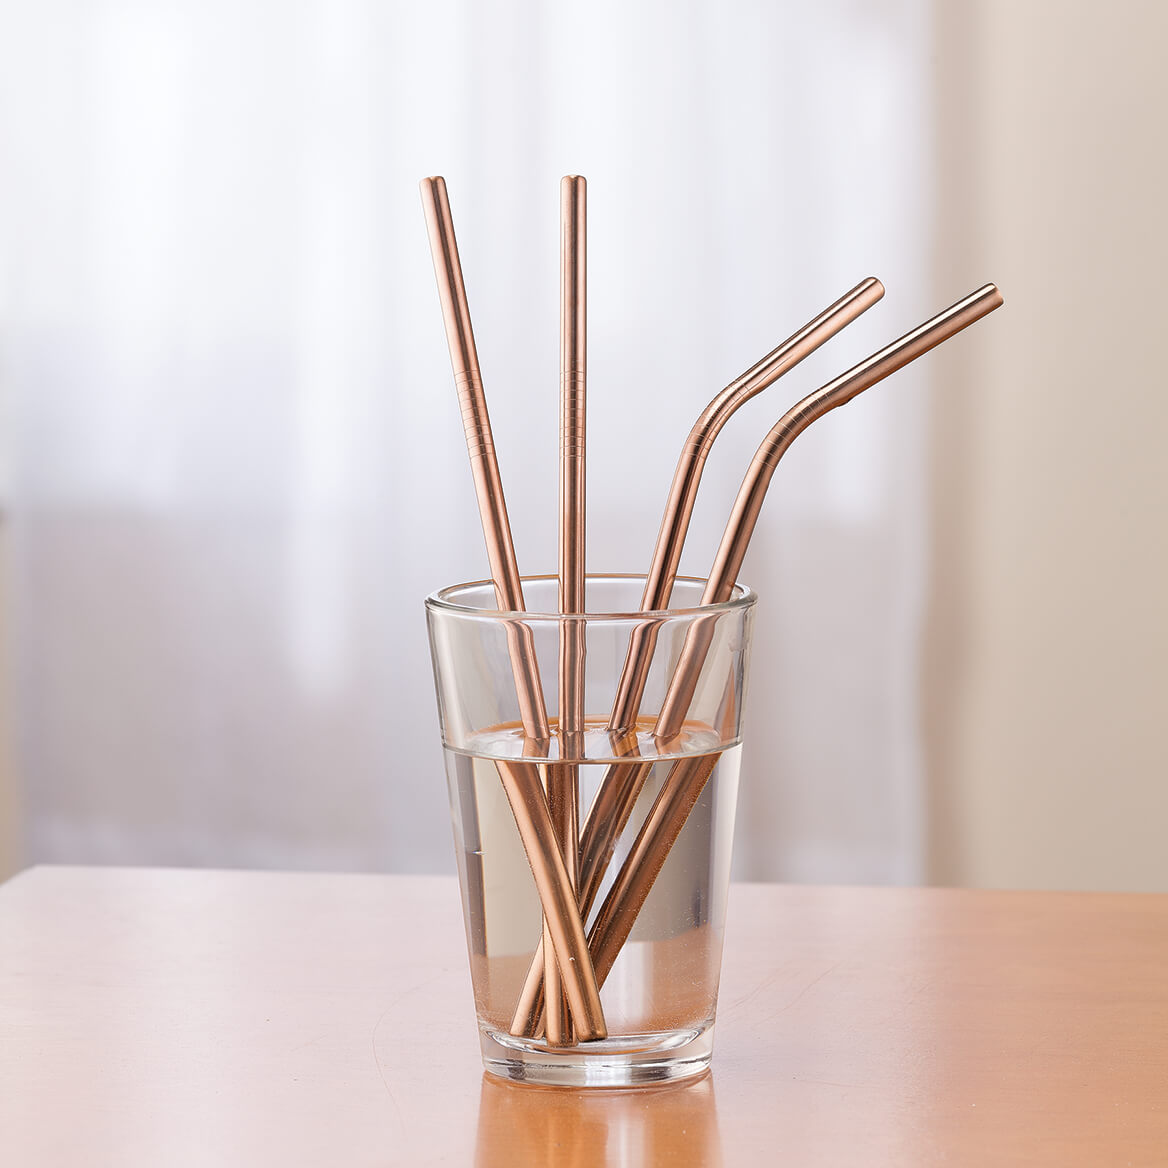 5-Pc. Copper Color Reusable Straw Set-367513